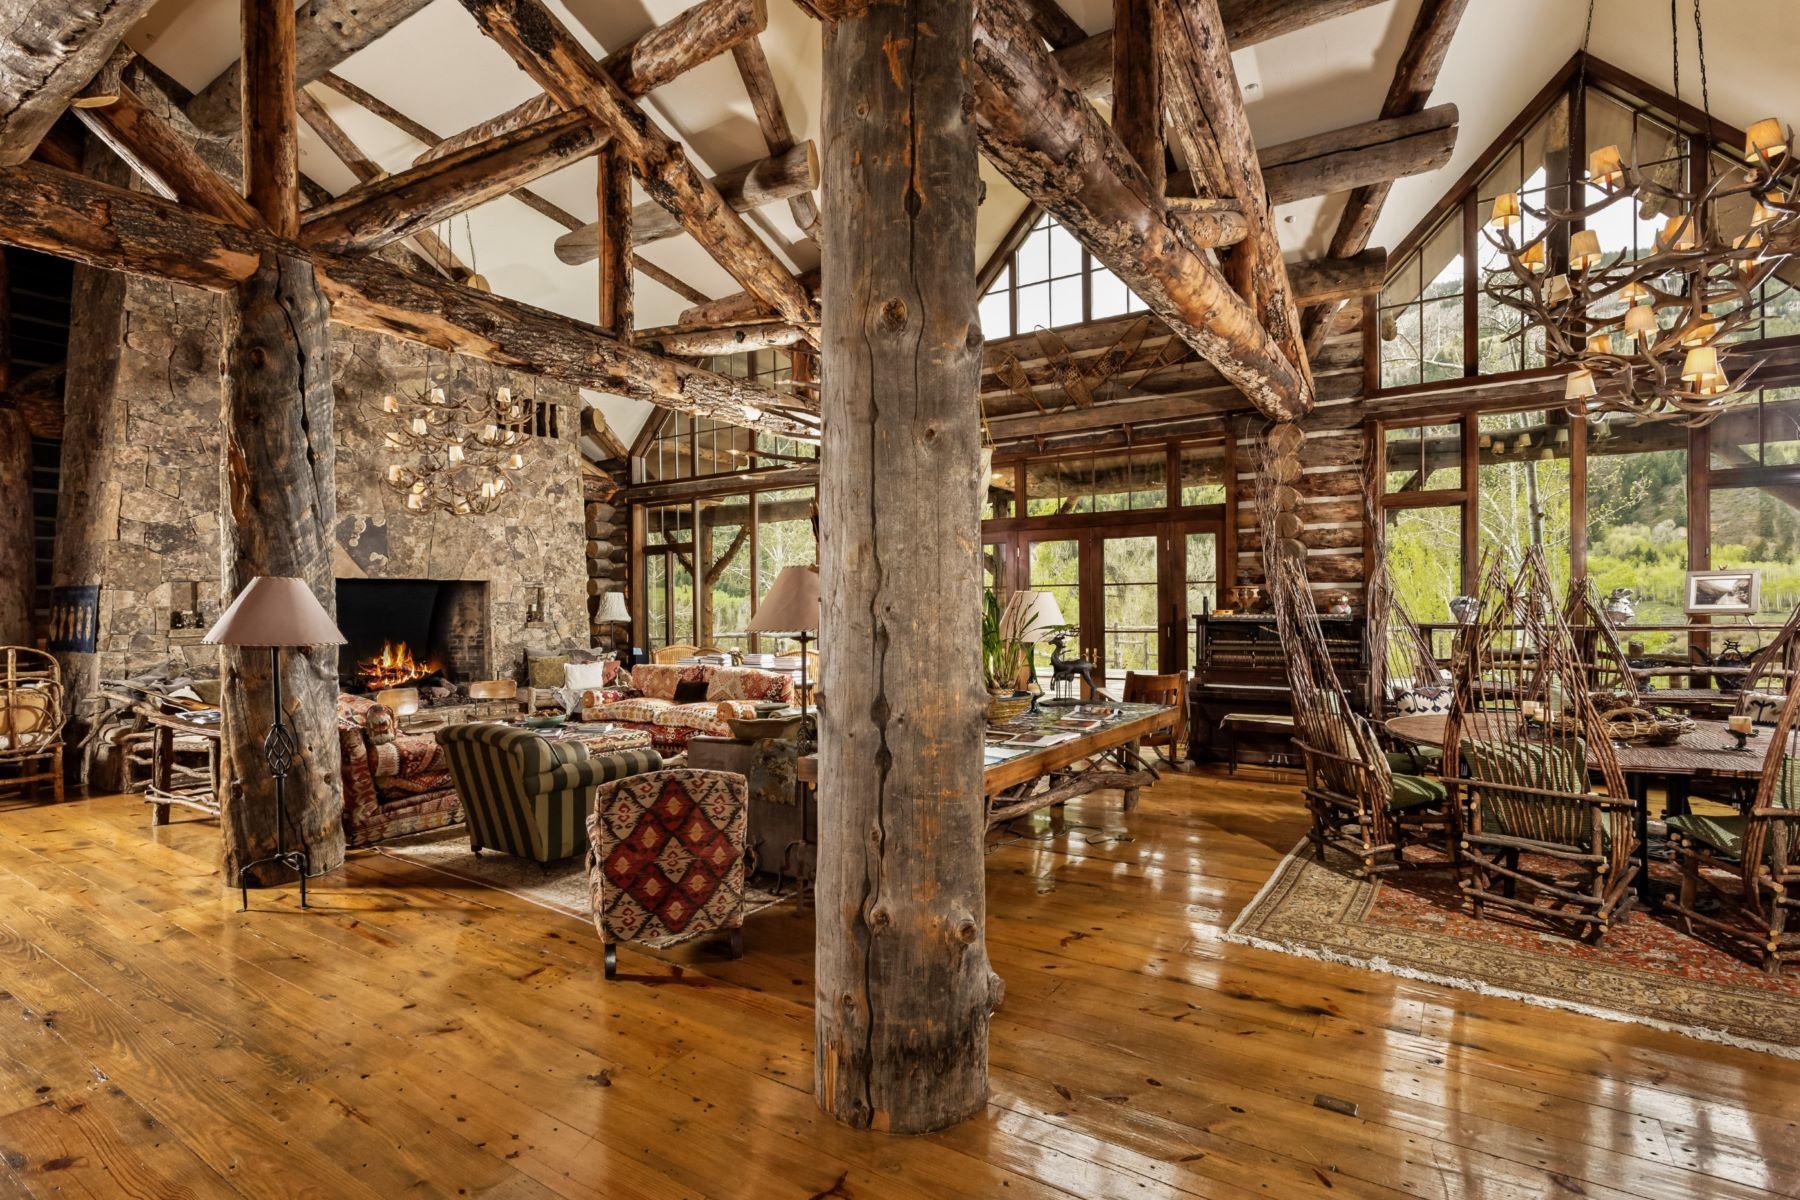 Частный односемейный дом для того Продажа на Northstar Lodge 43777 Hwy 82 East Aspen, Aspen, Колорадо, 81611 Соединенные Штаты